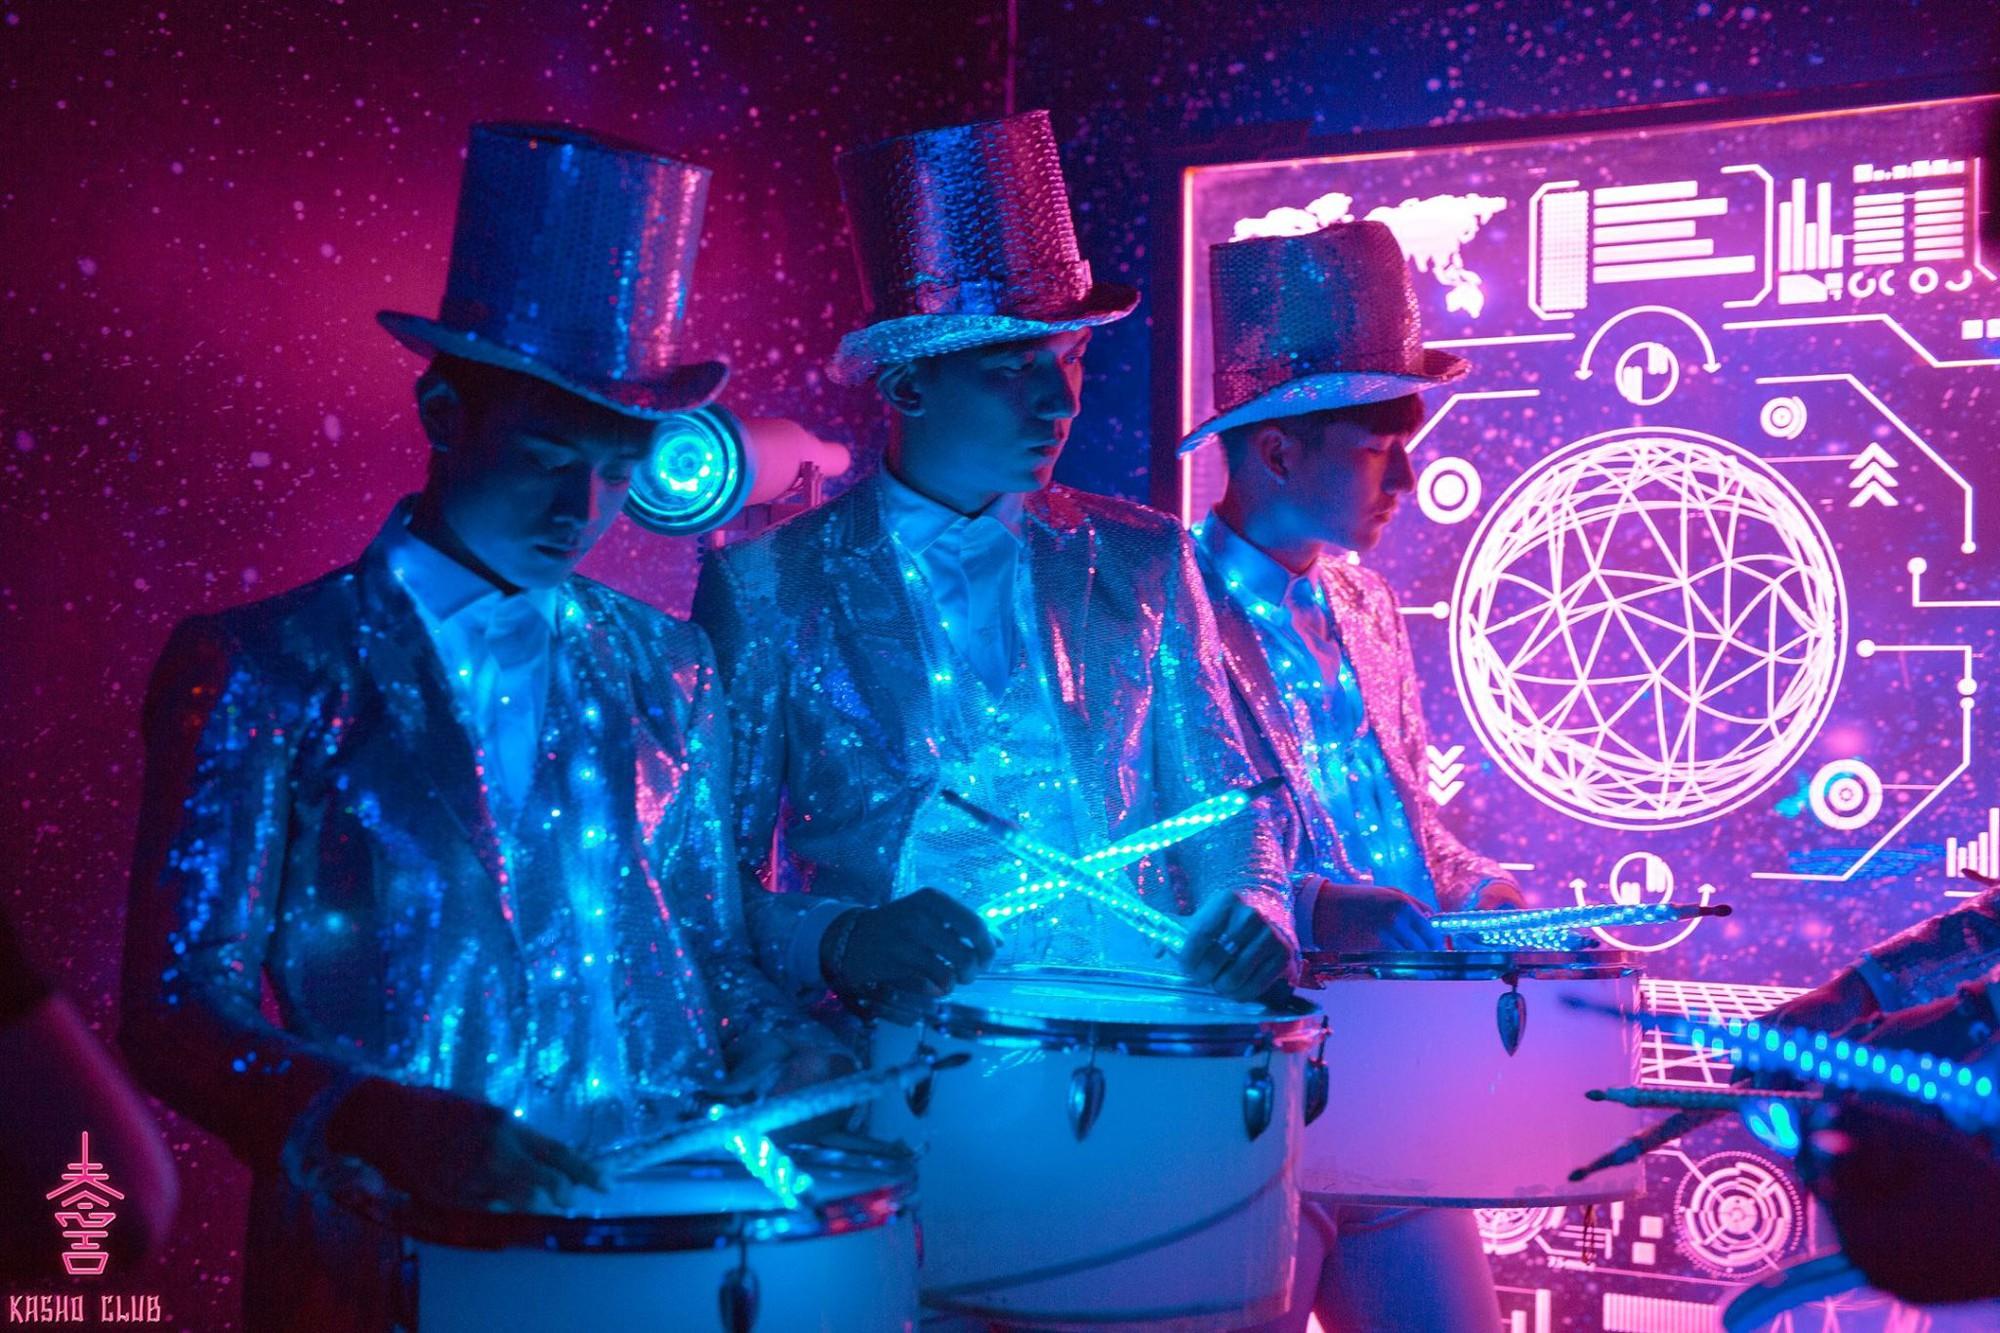 """Hồ Ngọc Hà, Tóc Tiên cùng dàn DJ """"khủng"""" đốt cháy sân khấu tại The Observatory Party - Ảnh 1."""